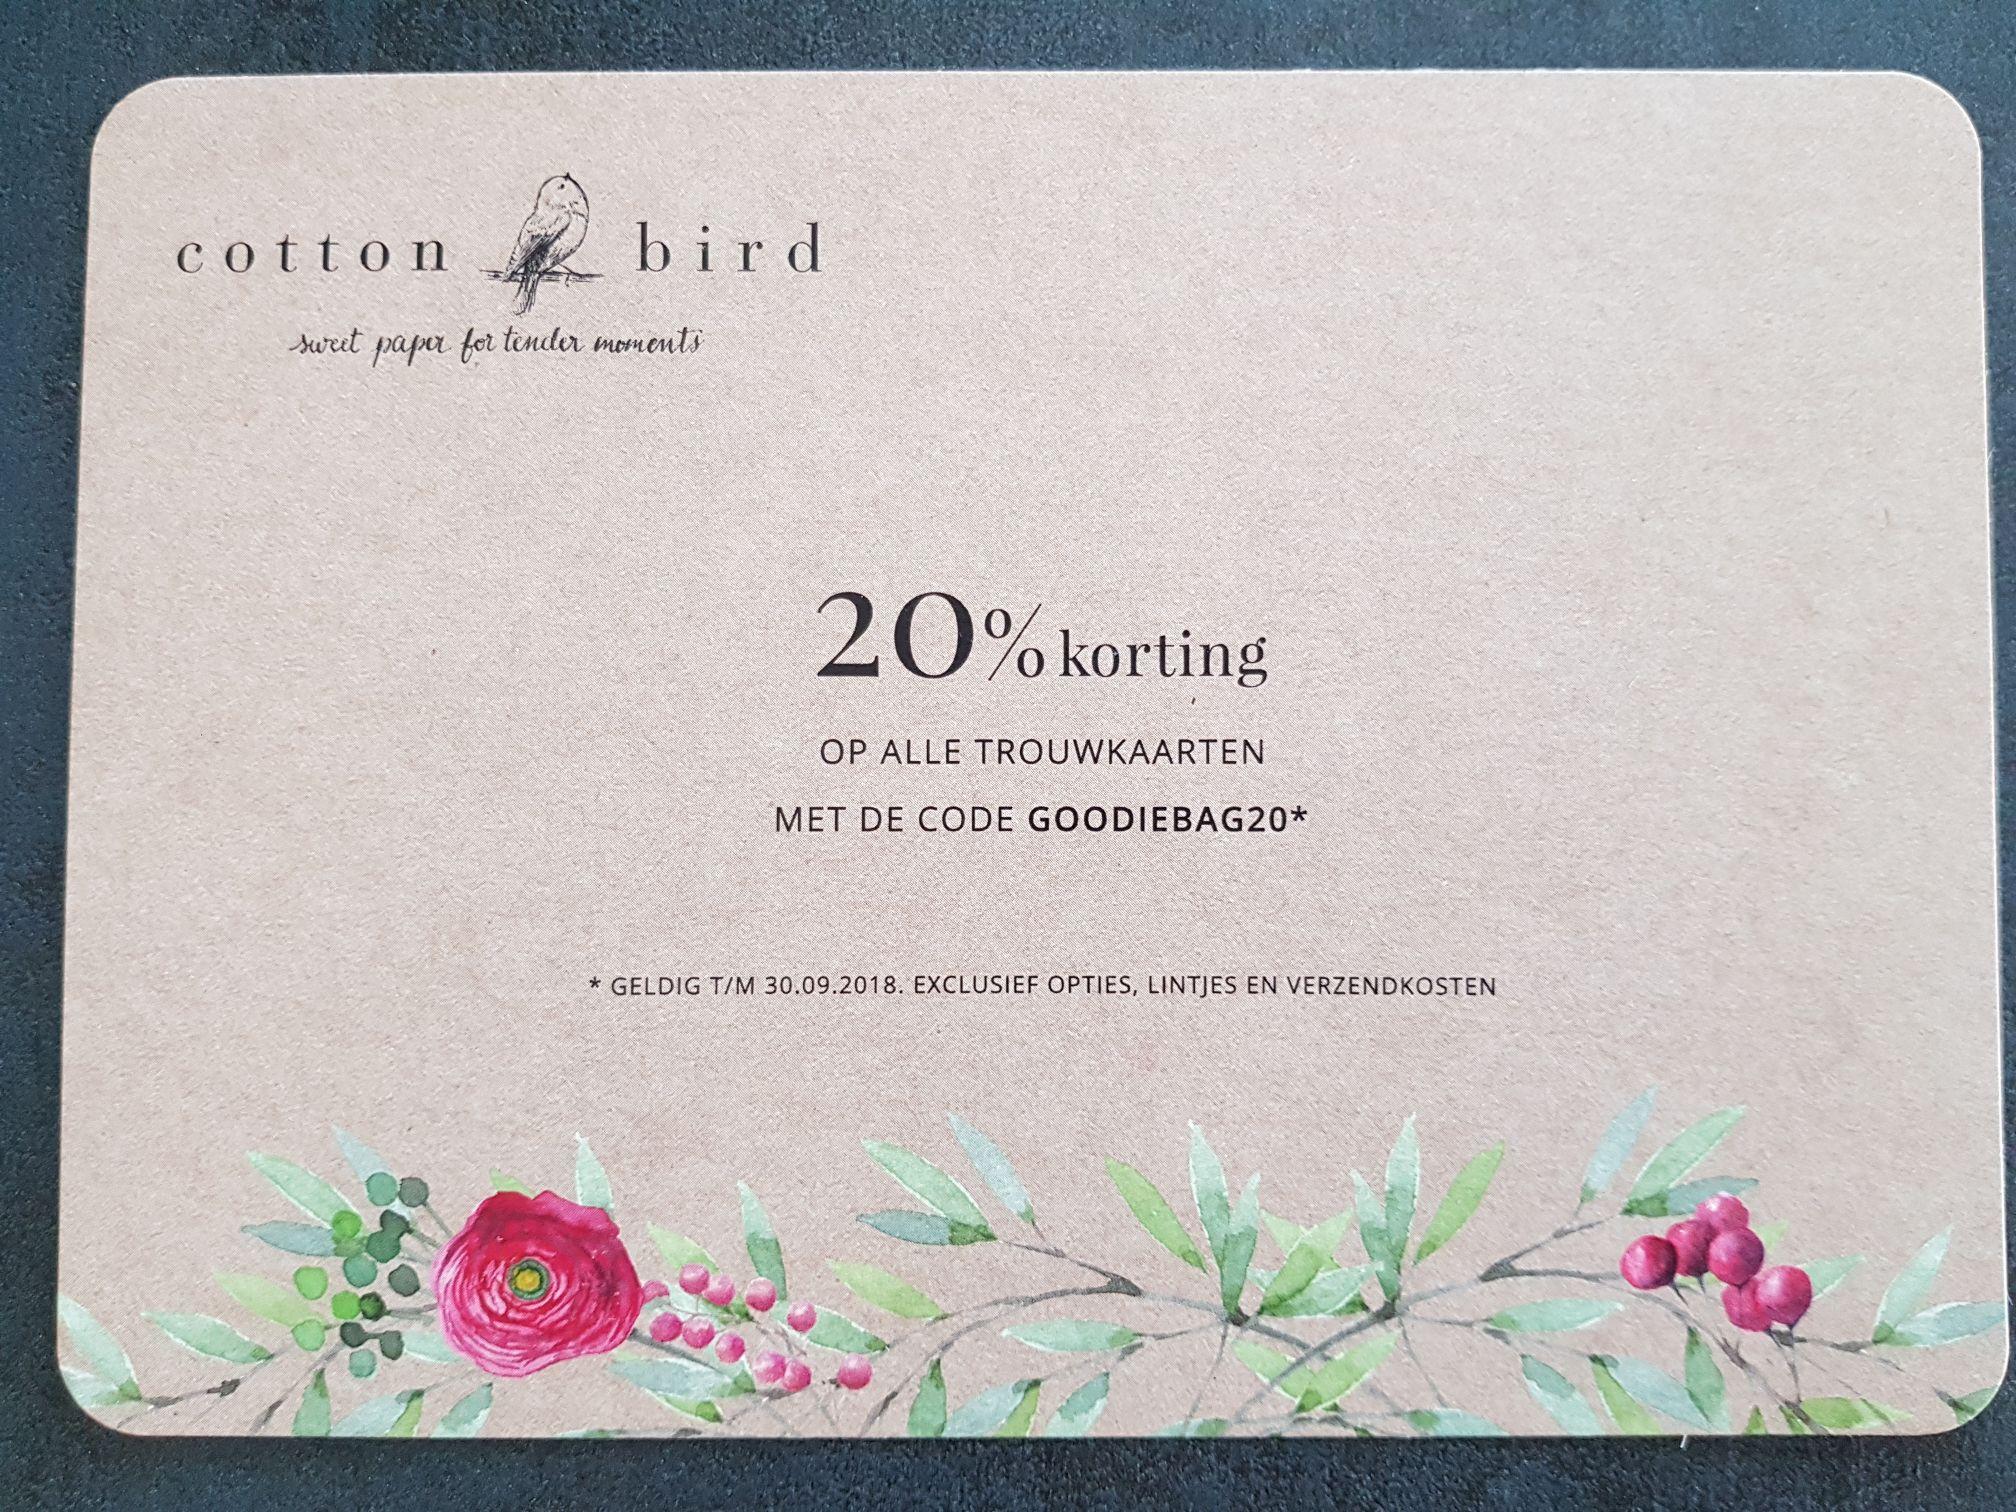 Trouwkaarten 20% korting cottonbird